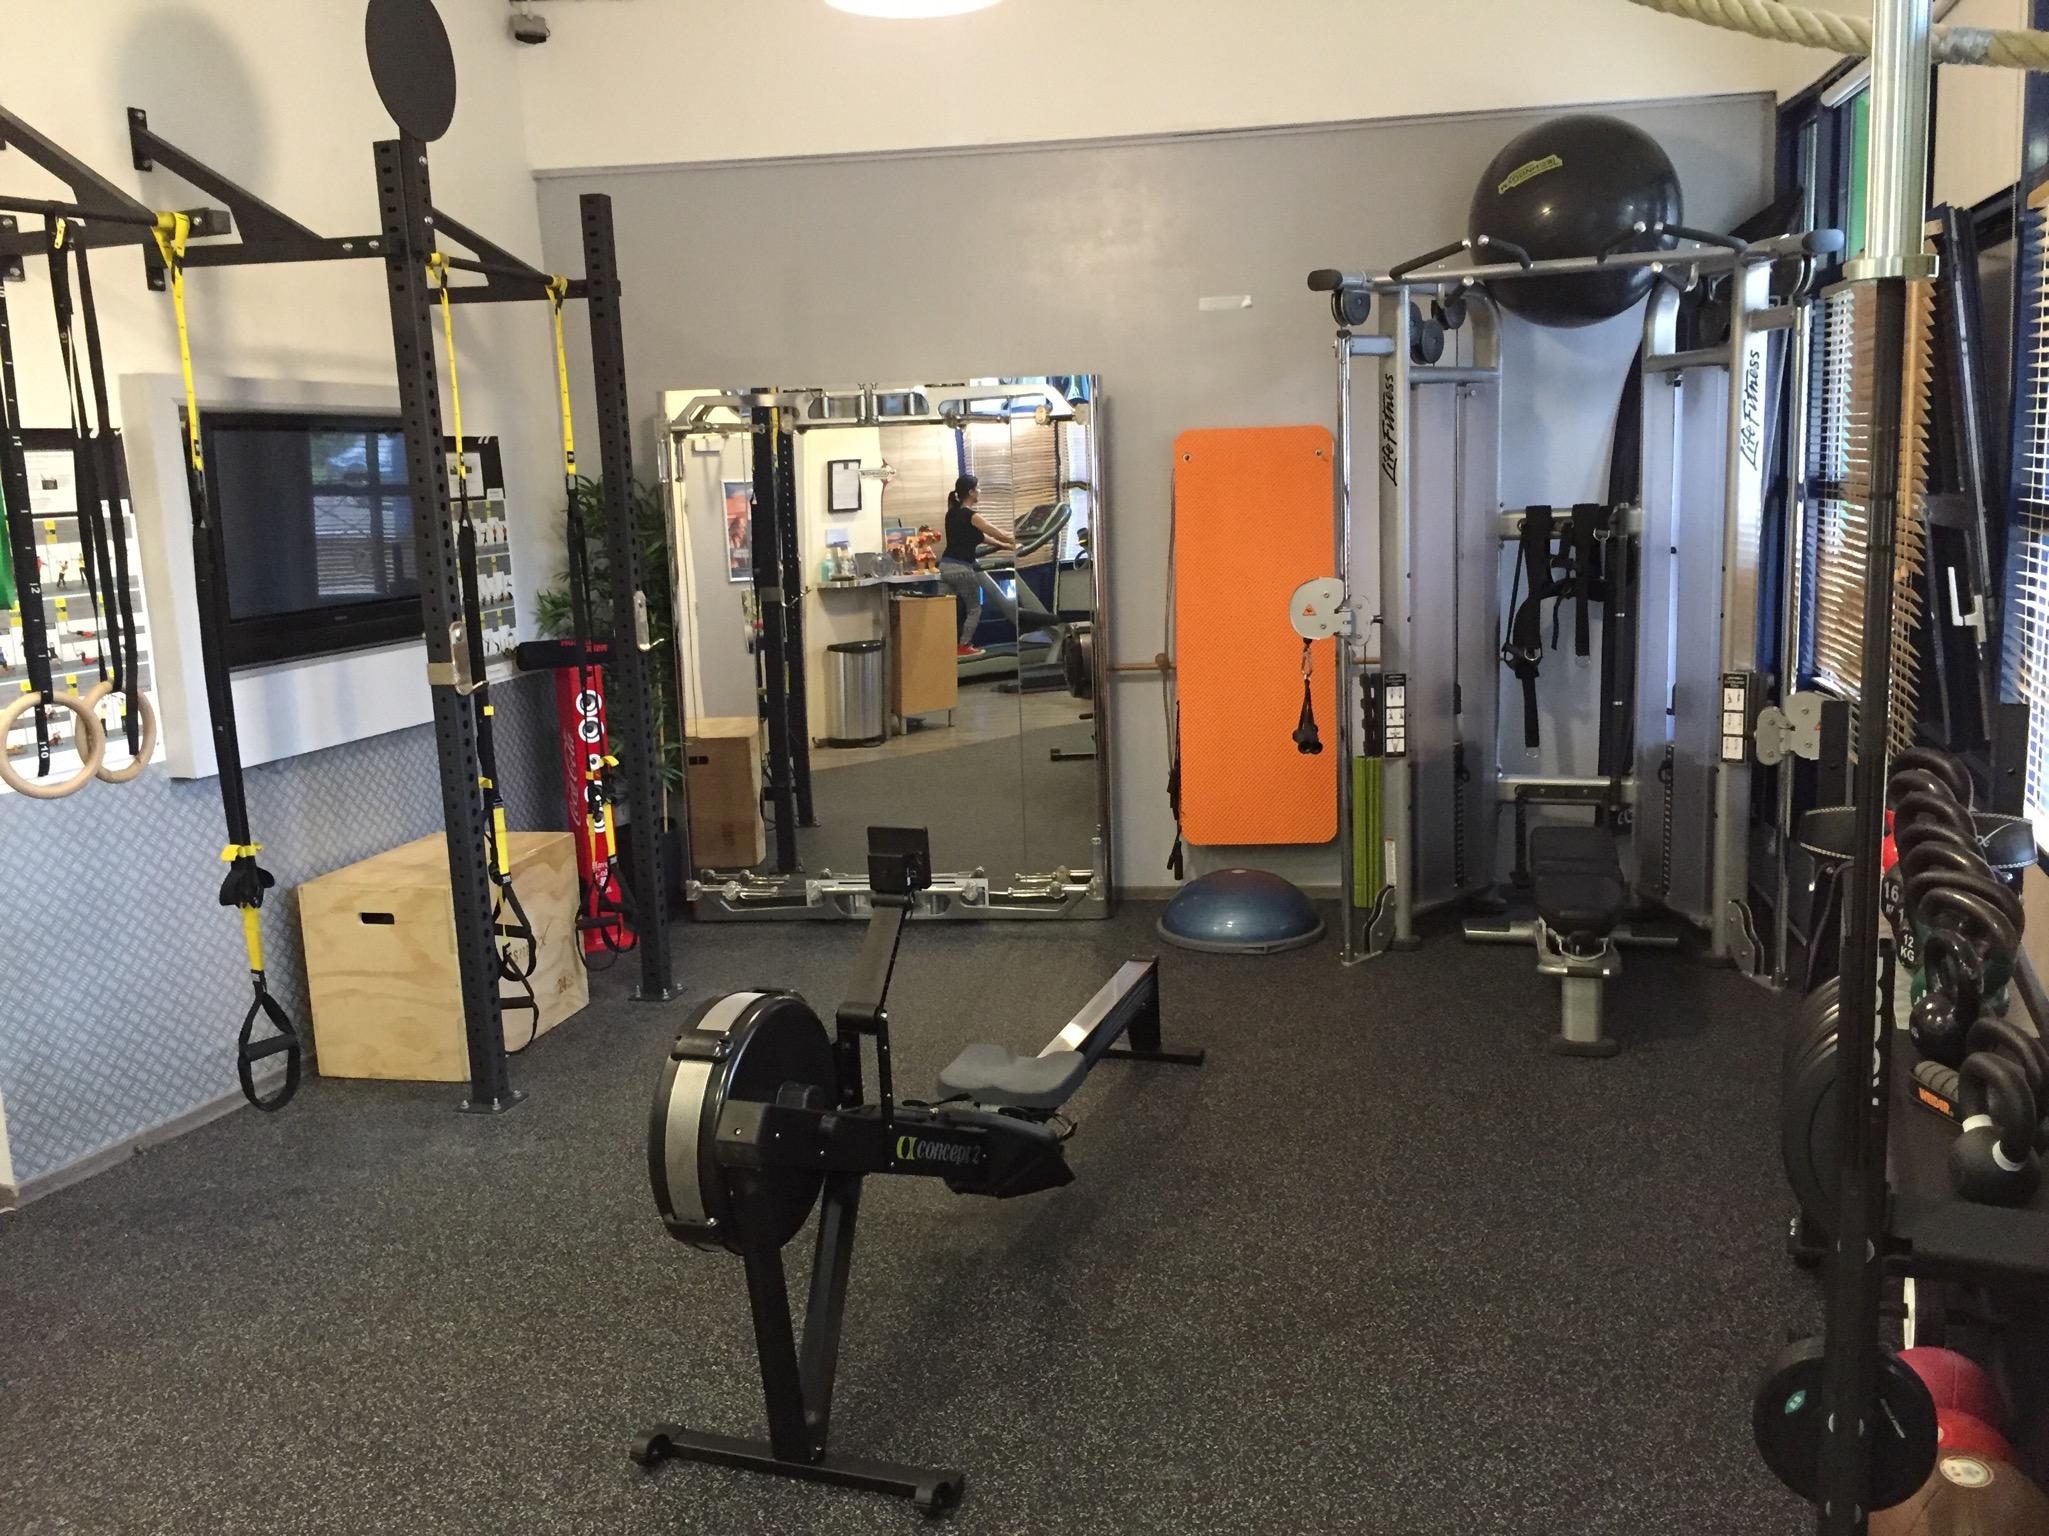 salle de sport lesquin fitness park mantes la jolie with salle de sport lesquin cool ibis. Black Bedroom Furniture Sets. Home Design Ideas